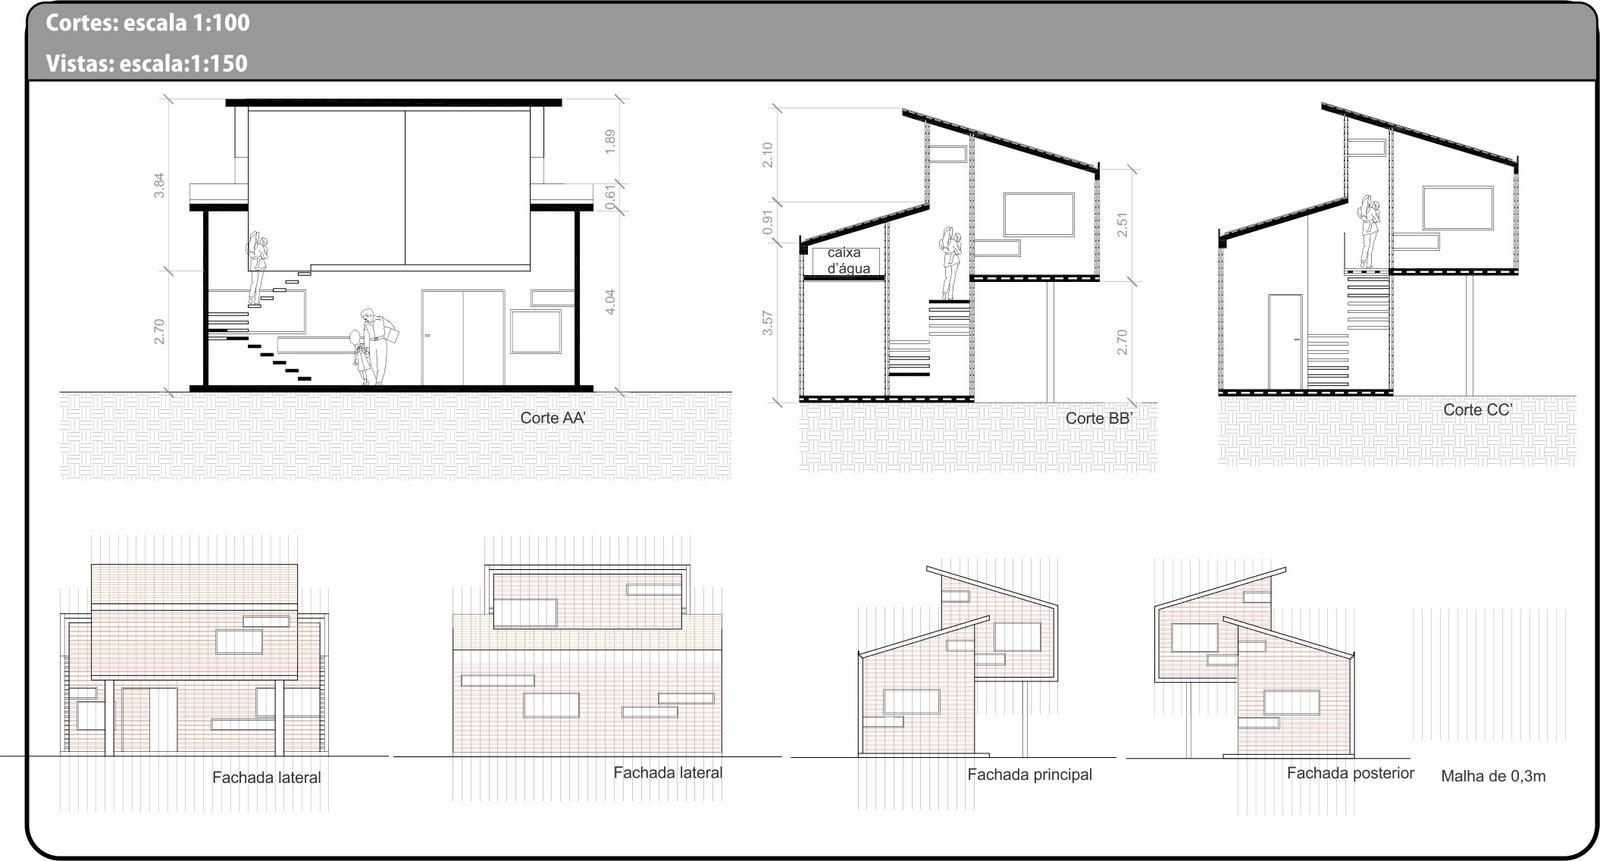 Imagens de #71665A Tema 3: Habitação Unifamiliar: Projeto Final 1600x861 px 3432 Bloco Cad Banheiro Corte